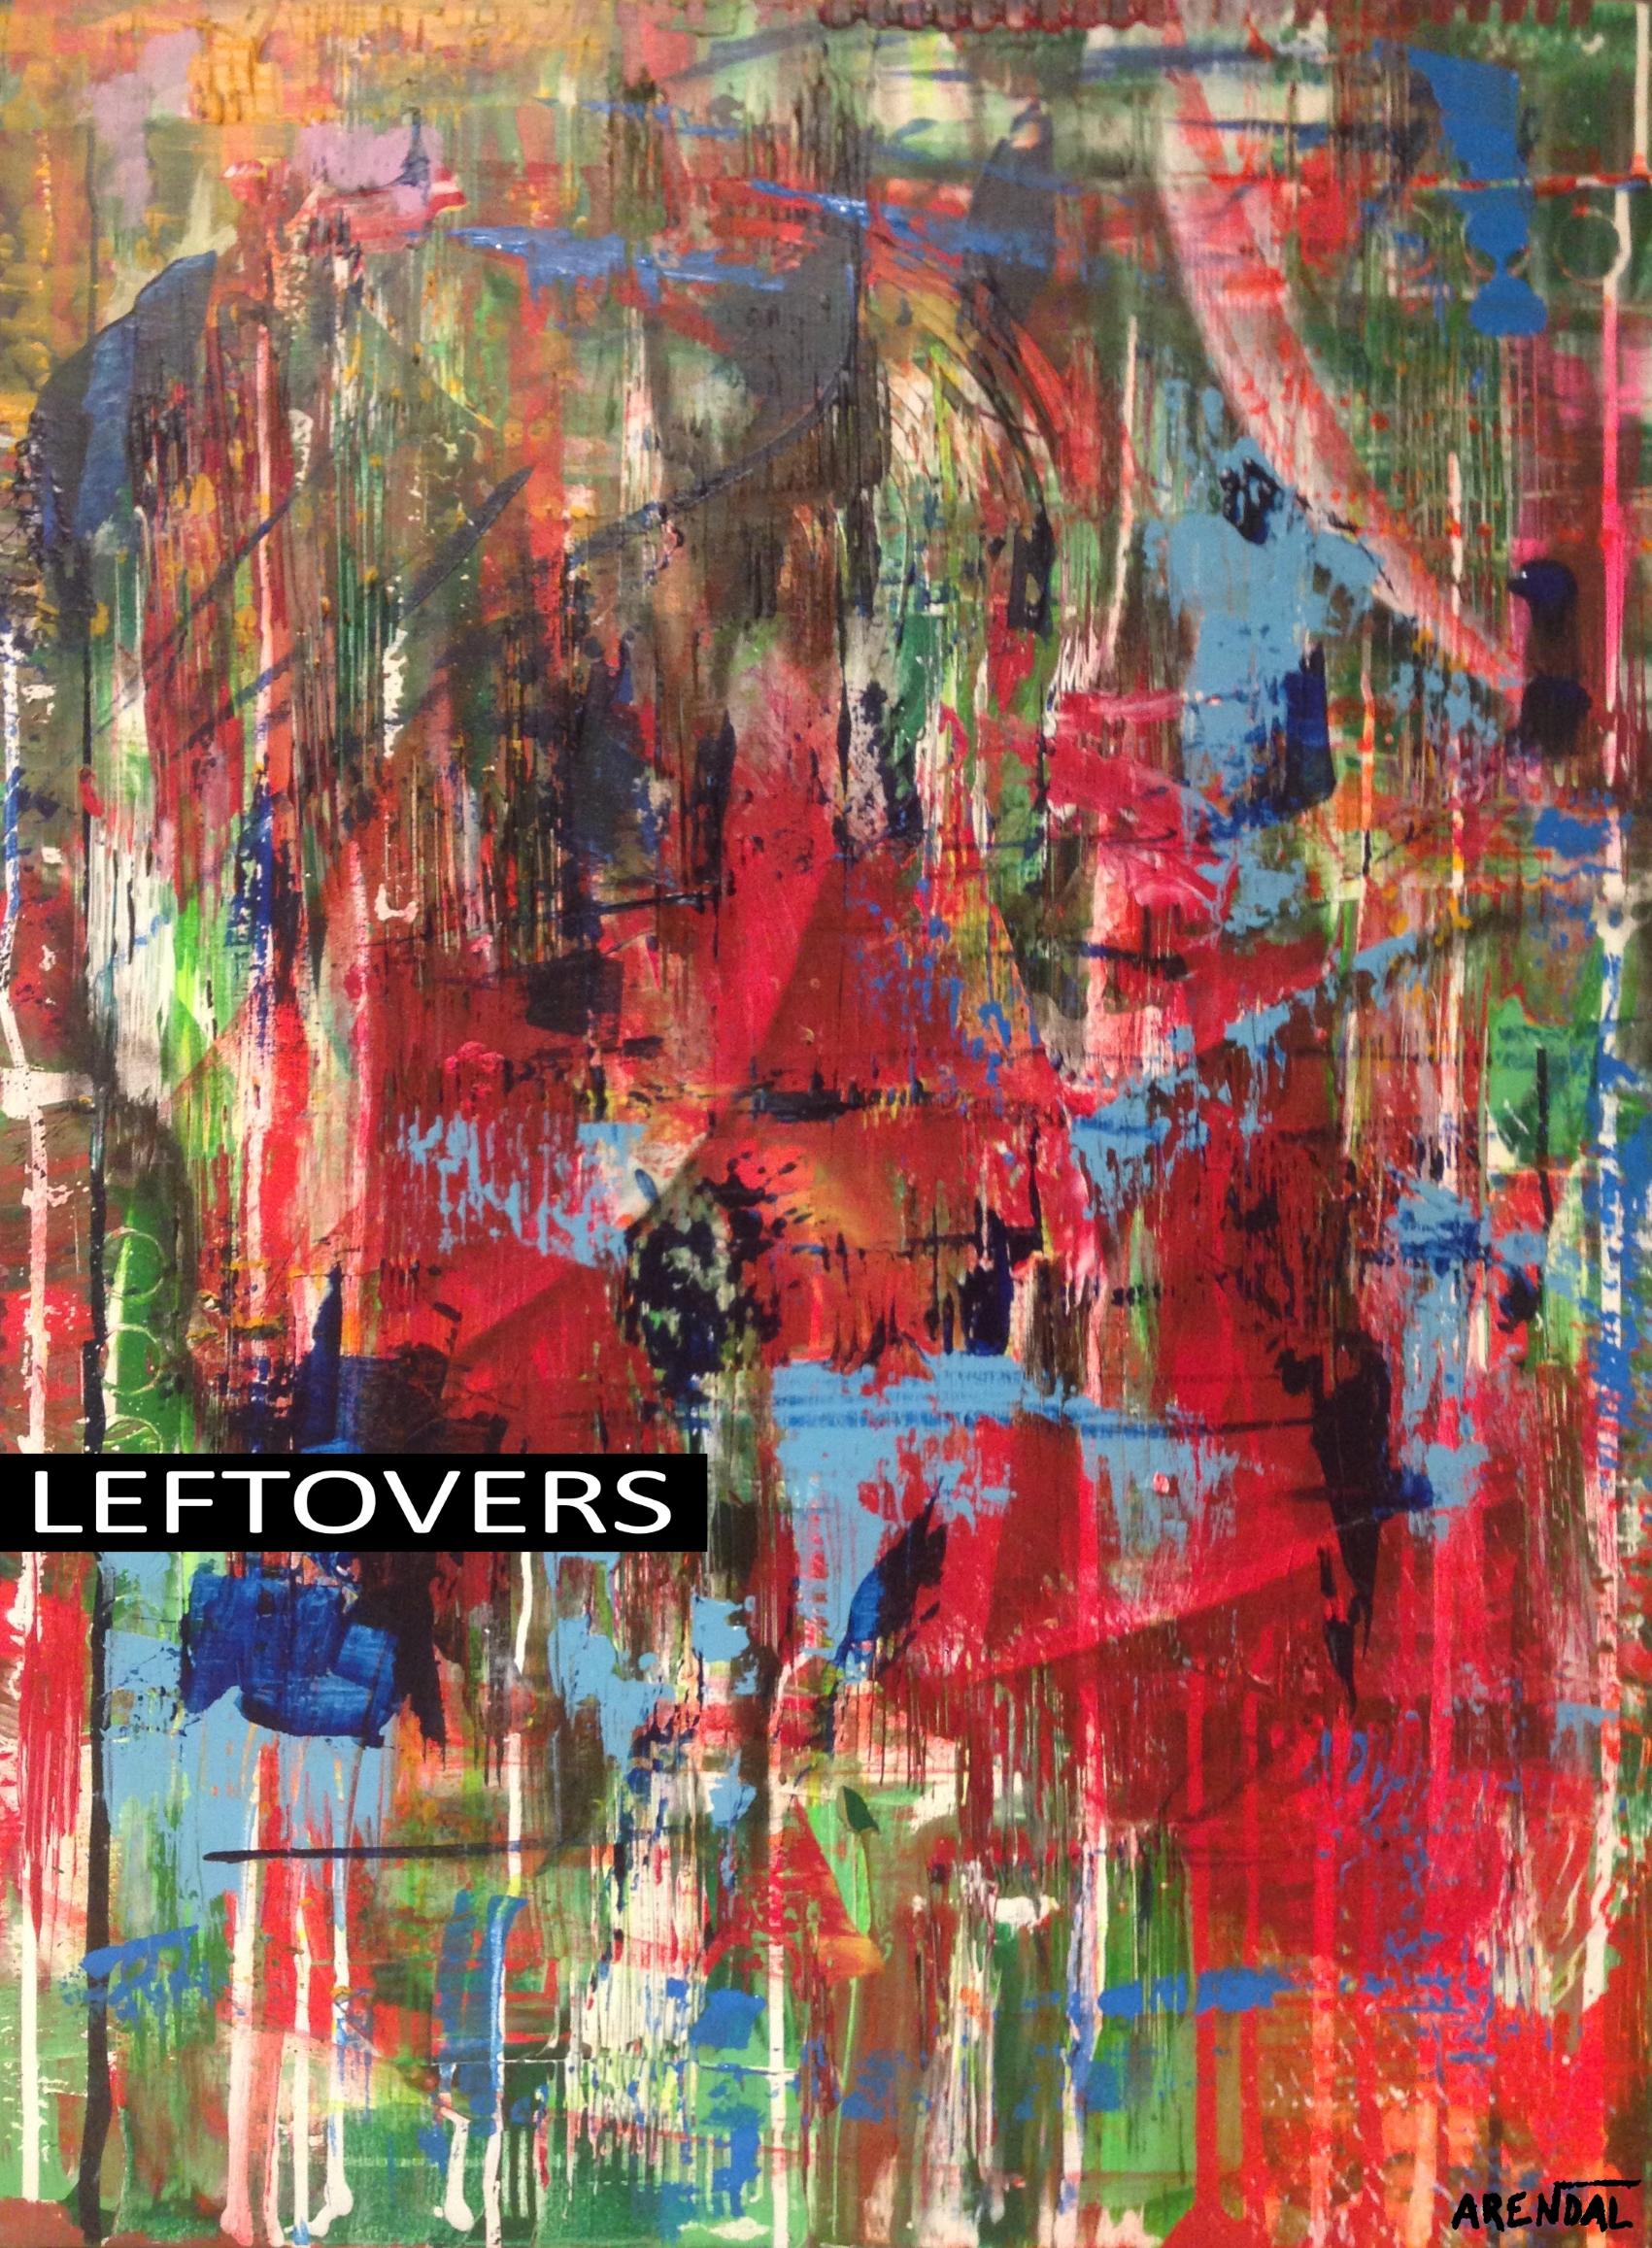 Leftovers 2